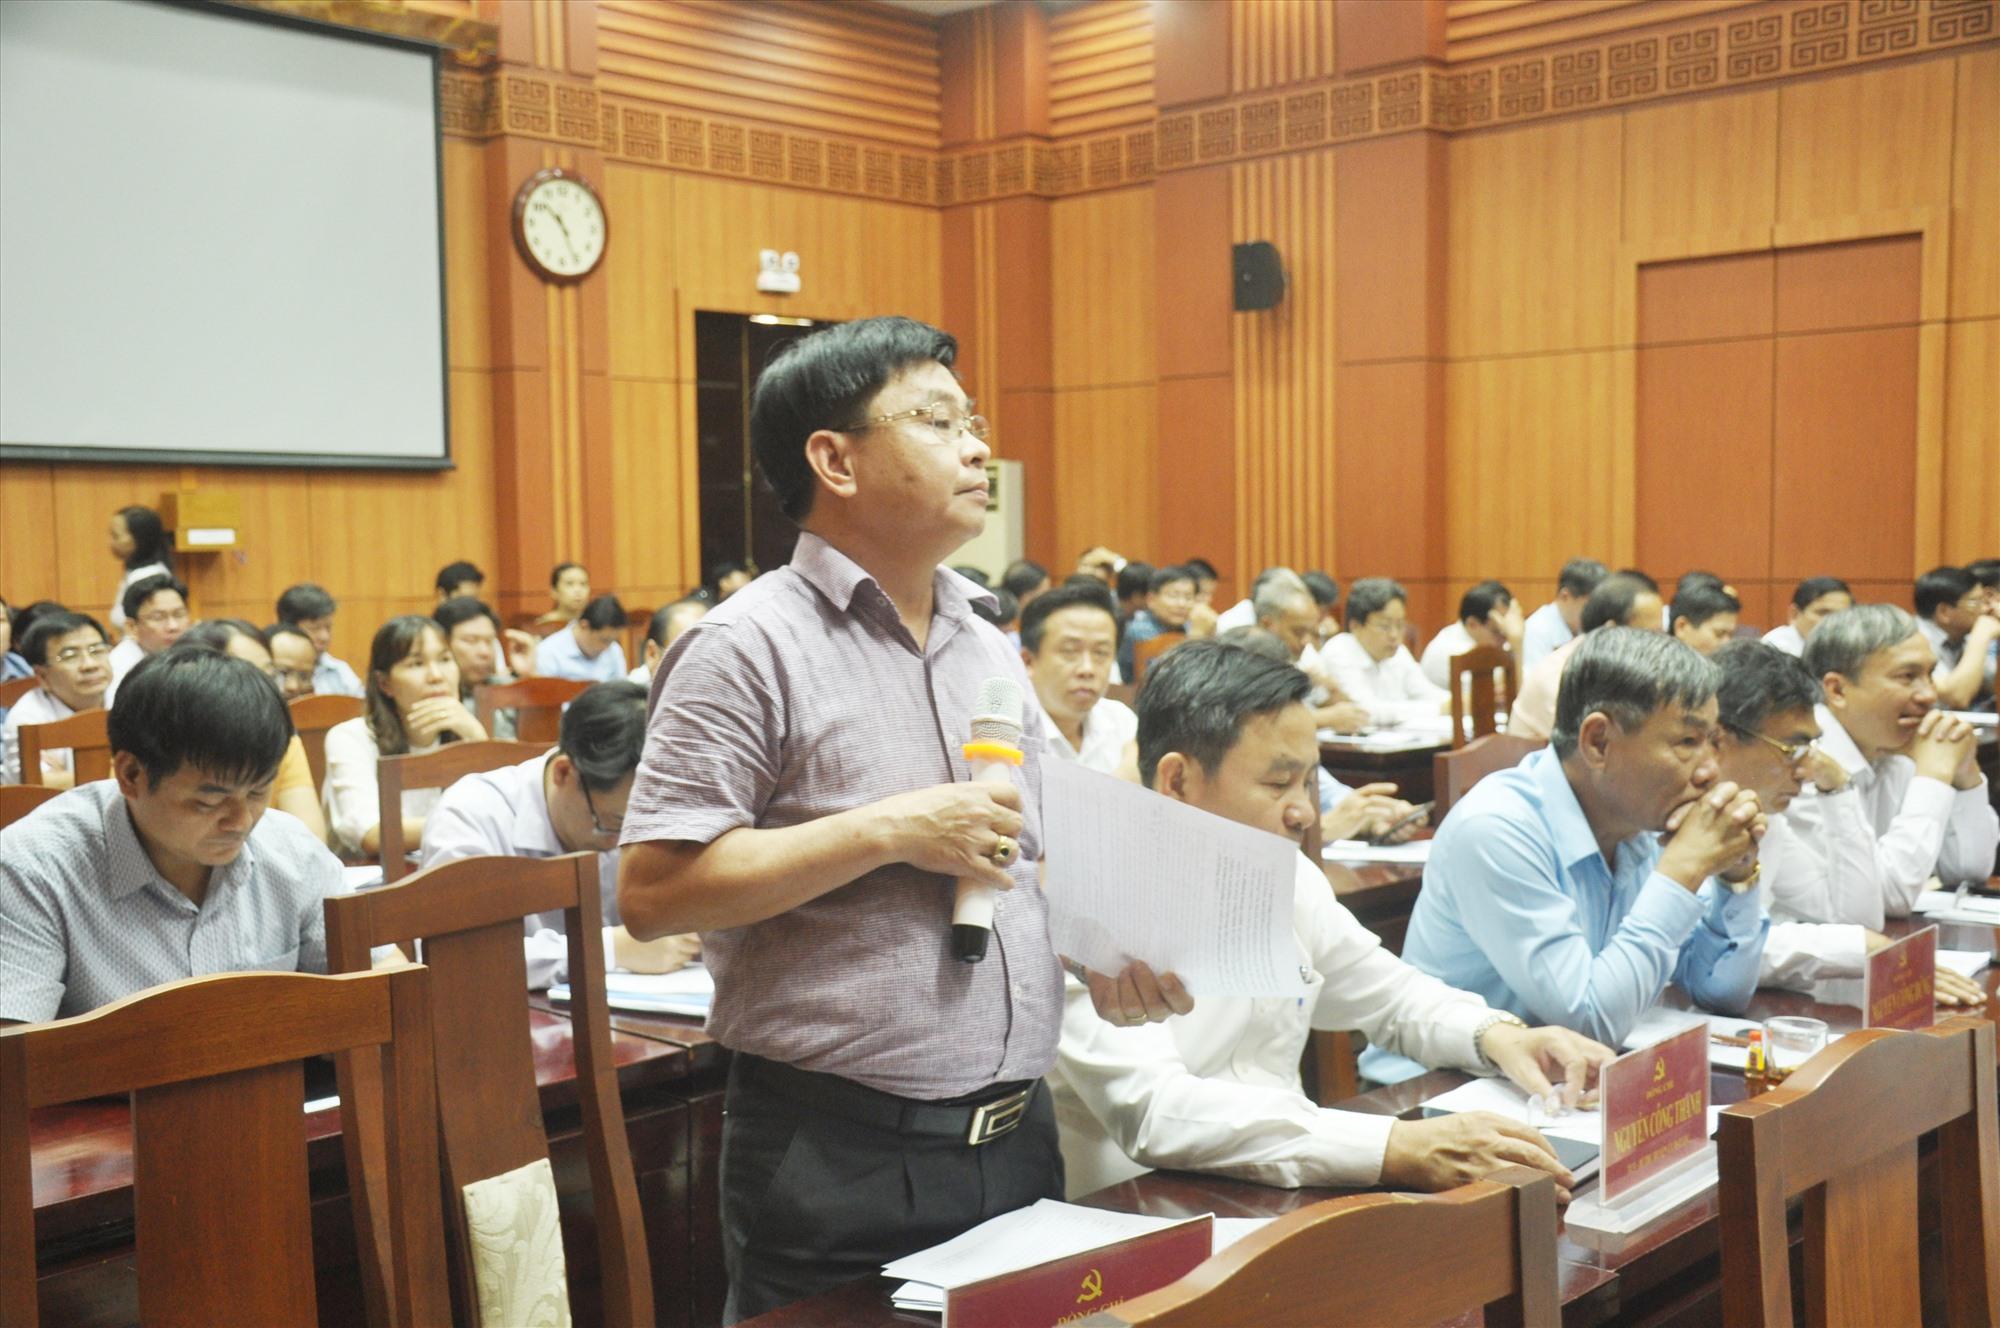 Đại biểu phát biểu thảo luận tại hội nghị. Ảnh: N.Đ